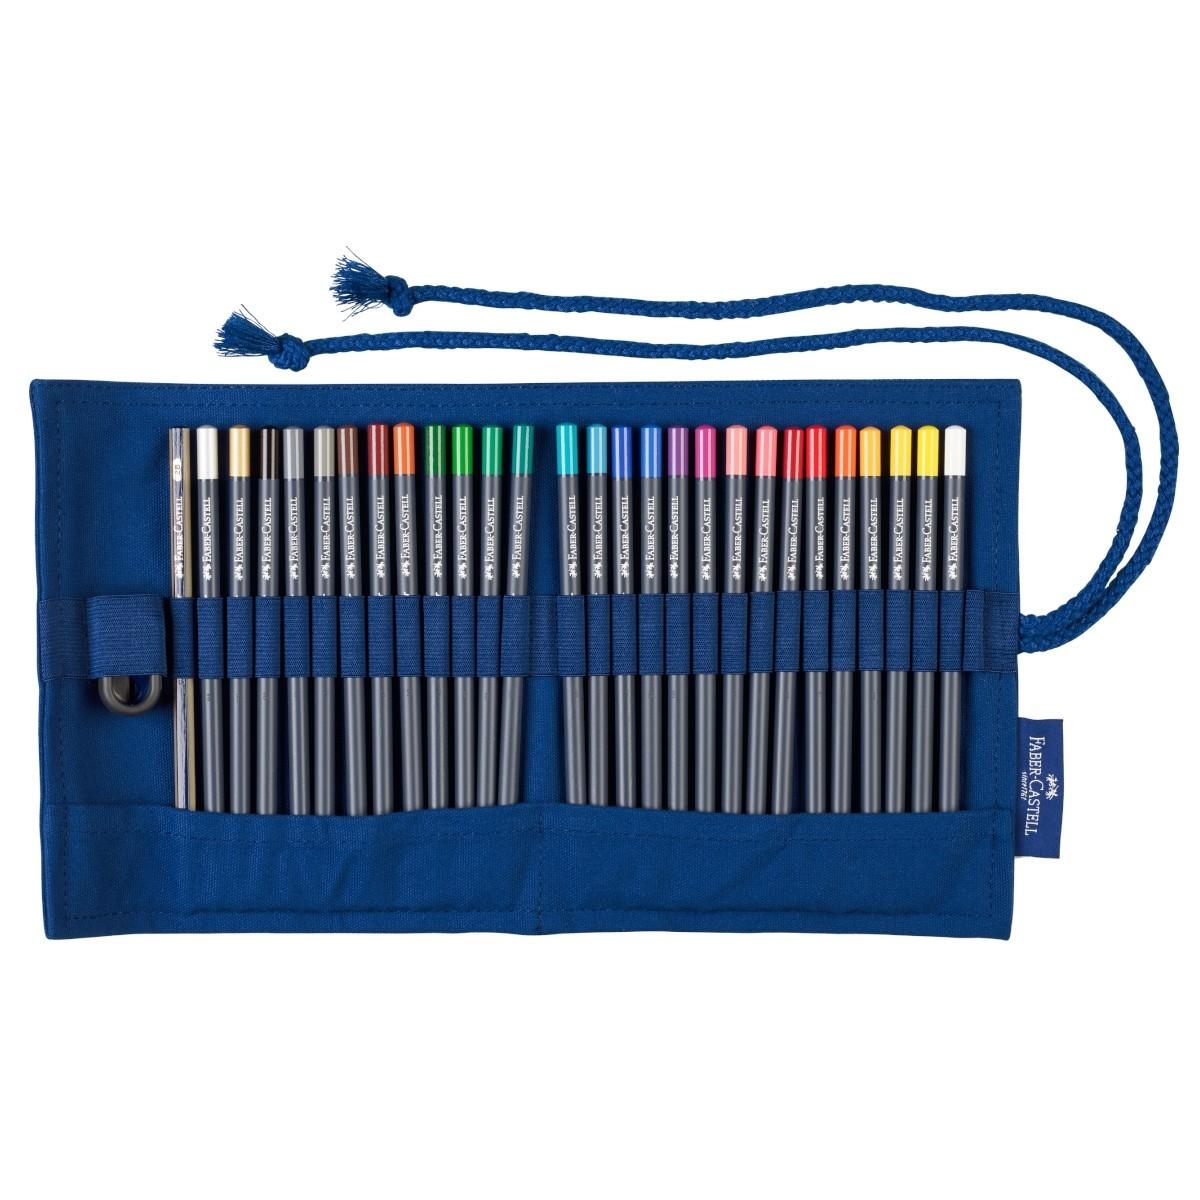 Faber Castell, Goldfarber, 27 stk farveblyanter i penalhus, 2B blyant og spidser